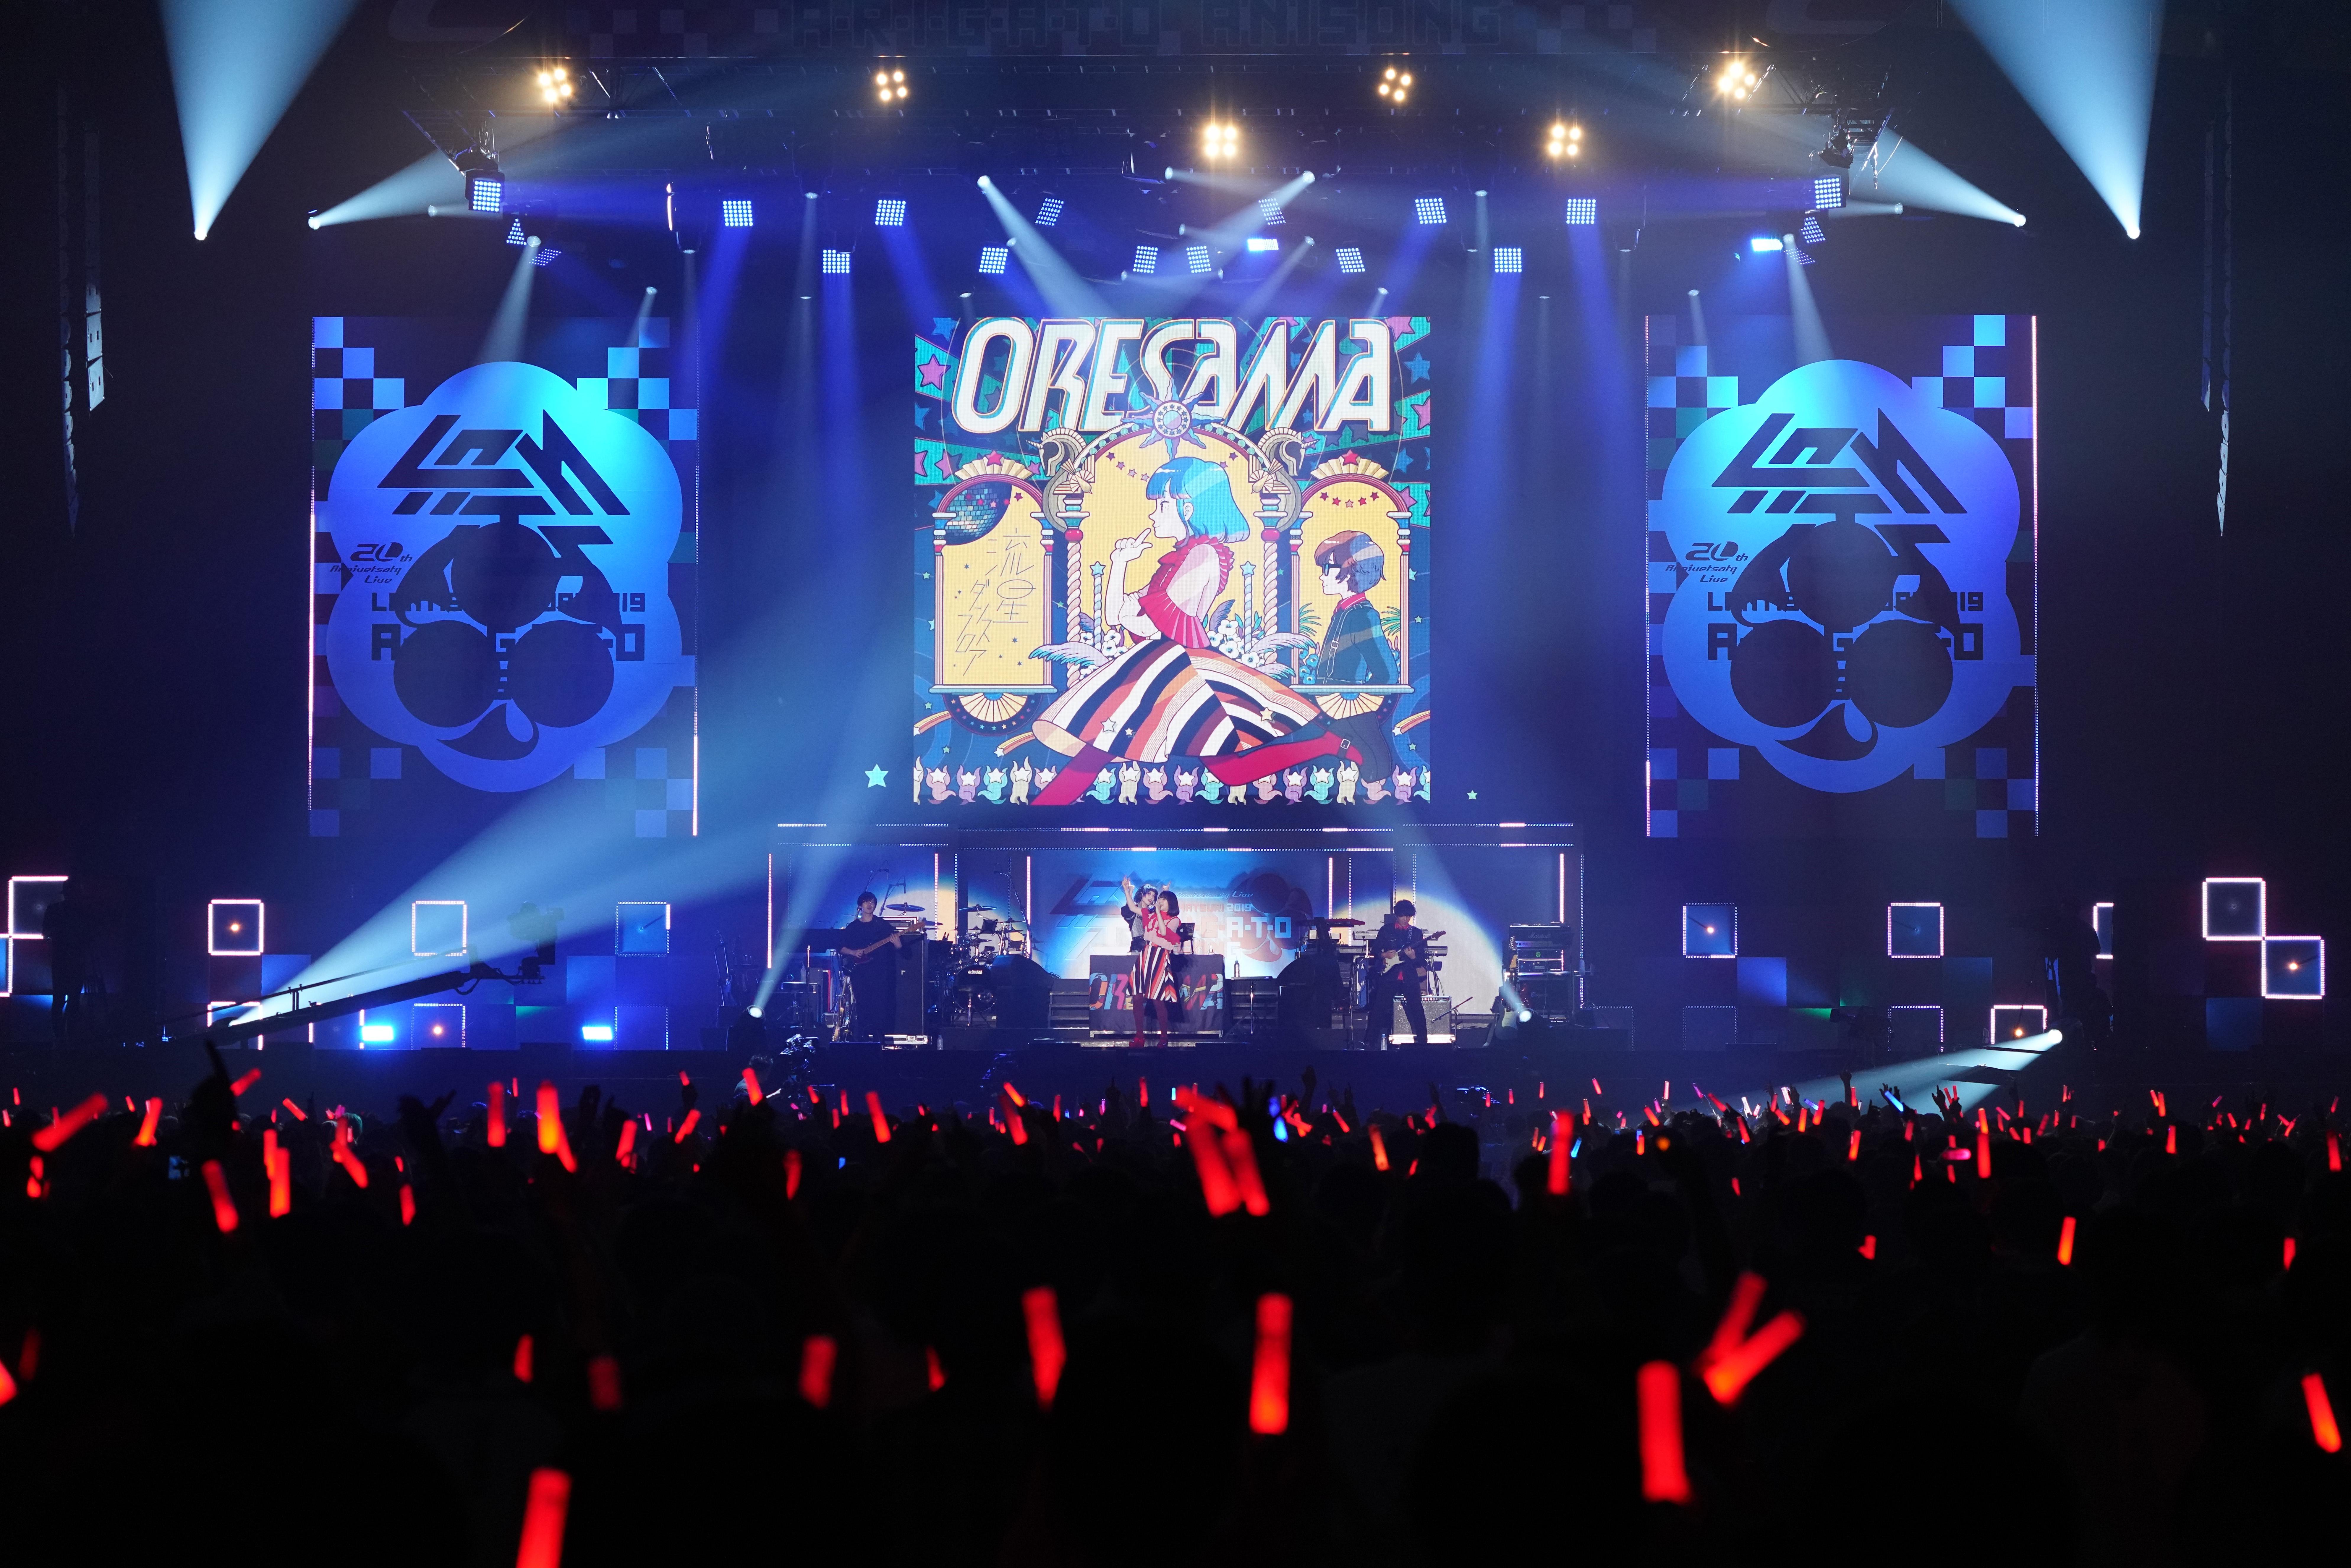 6月23日@幕張メッセ 国際展示場 9~11ホール(ORESAMA)